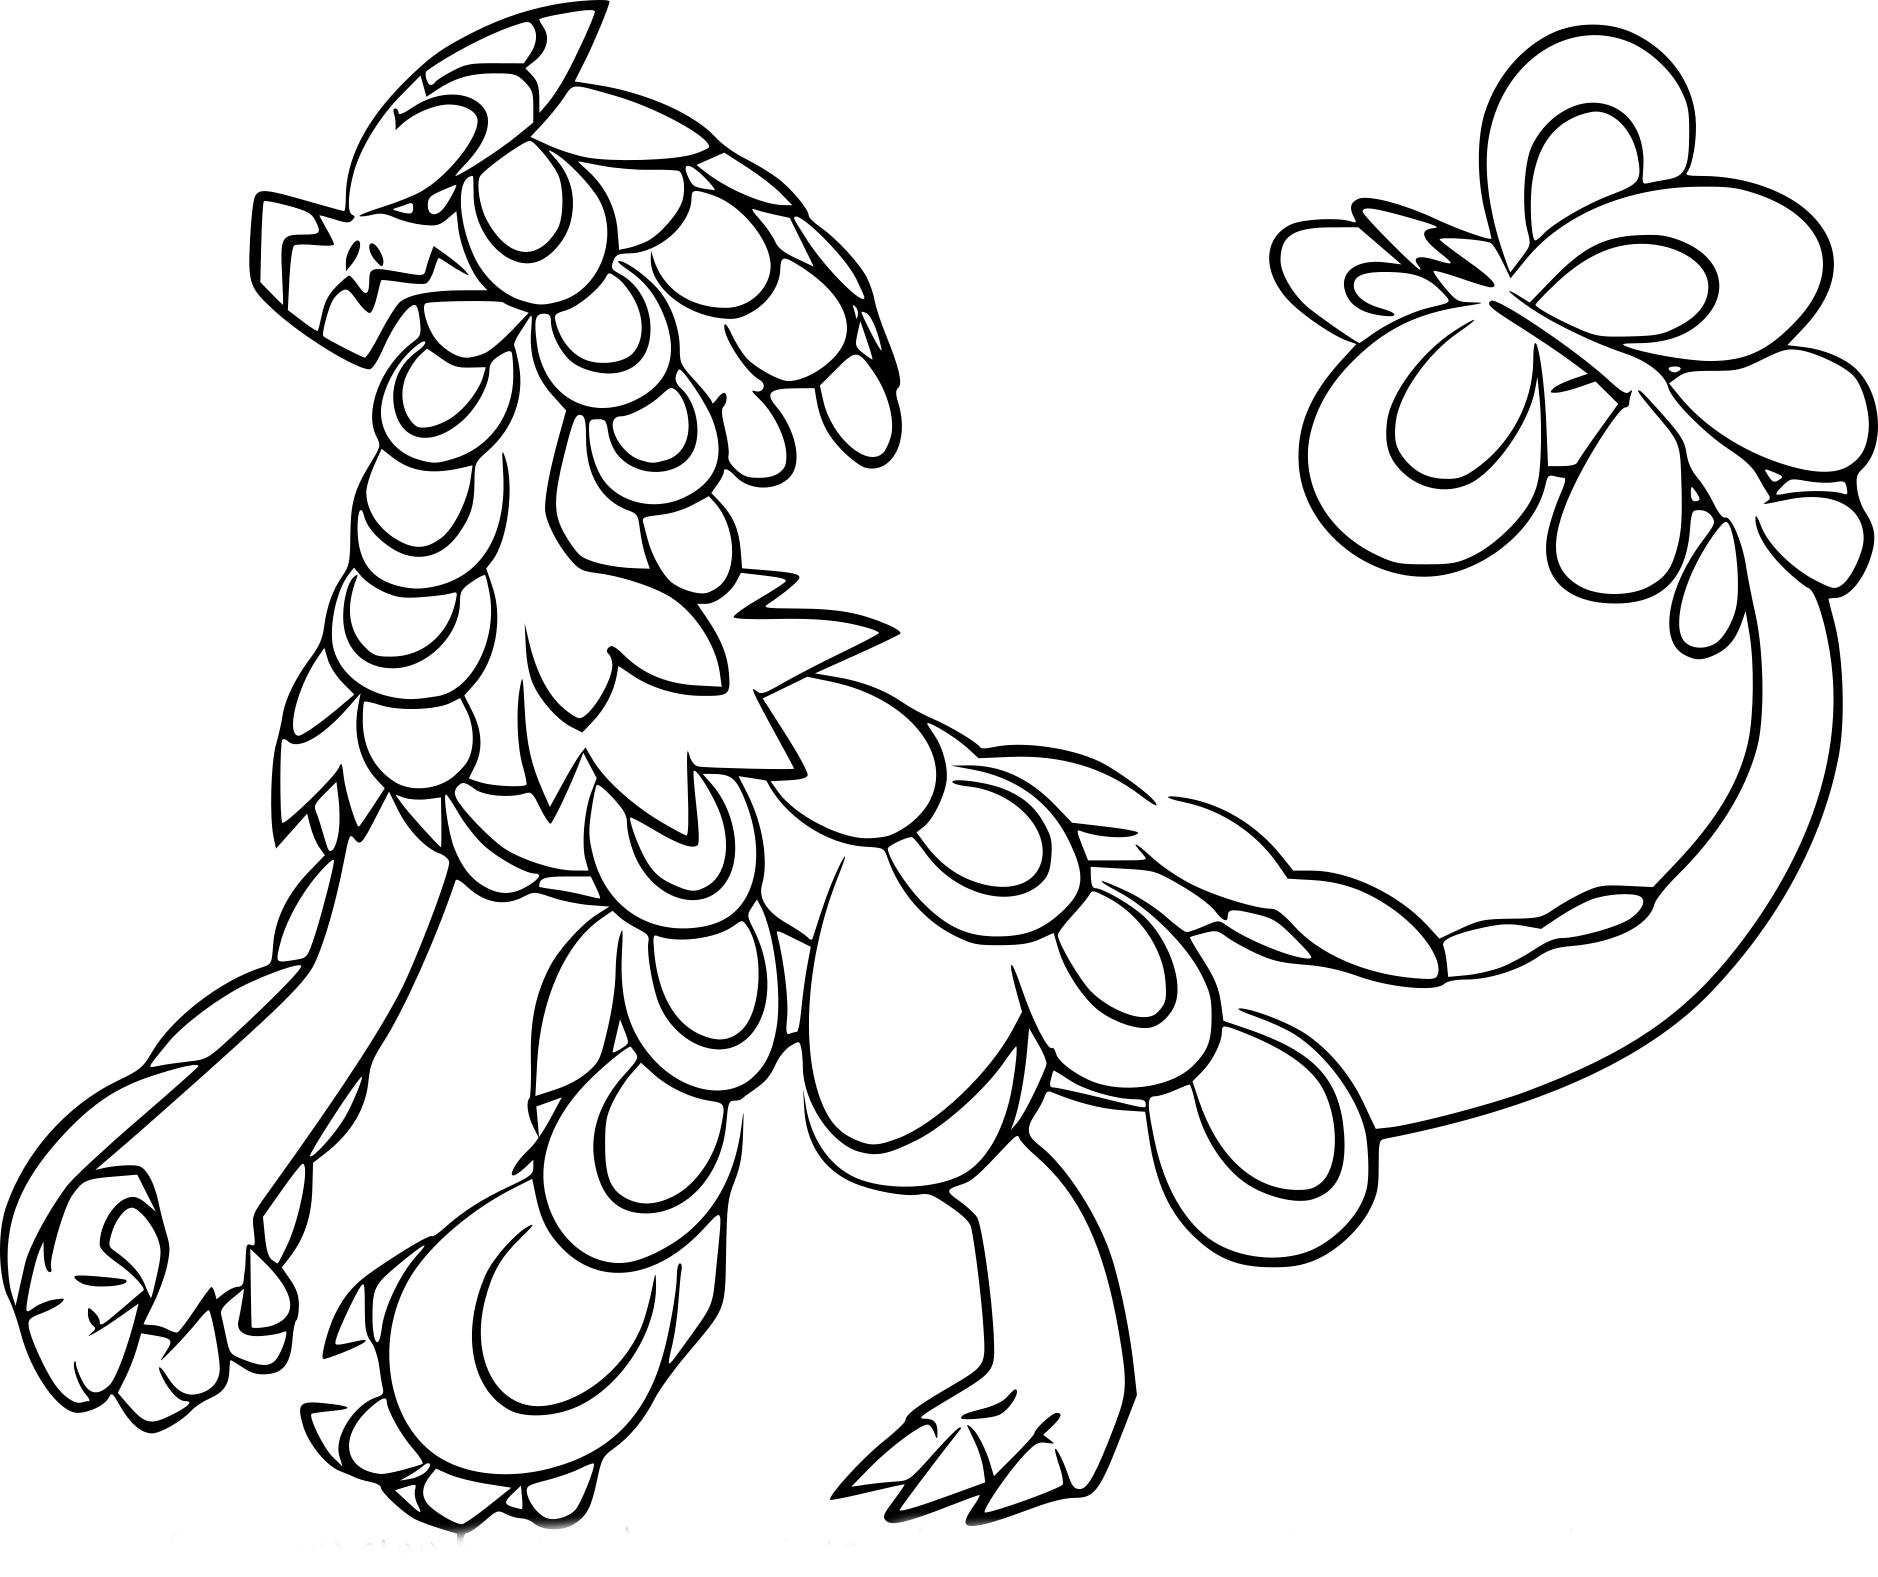 coloriage ekaiser pokemon